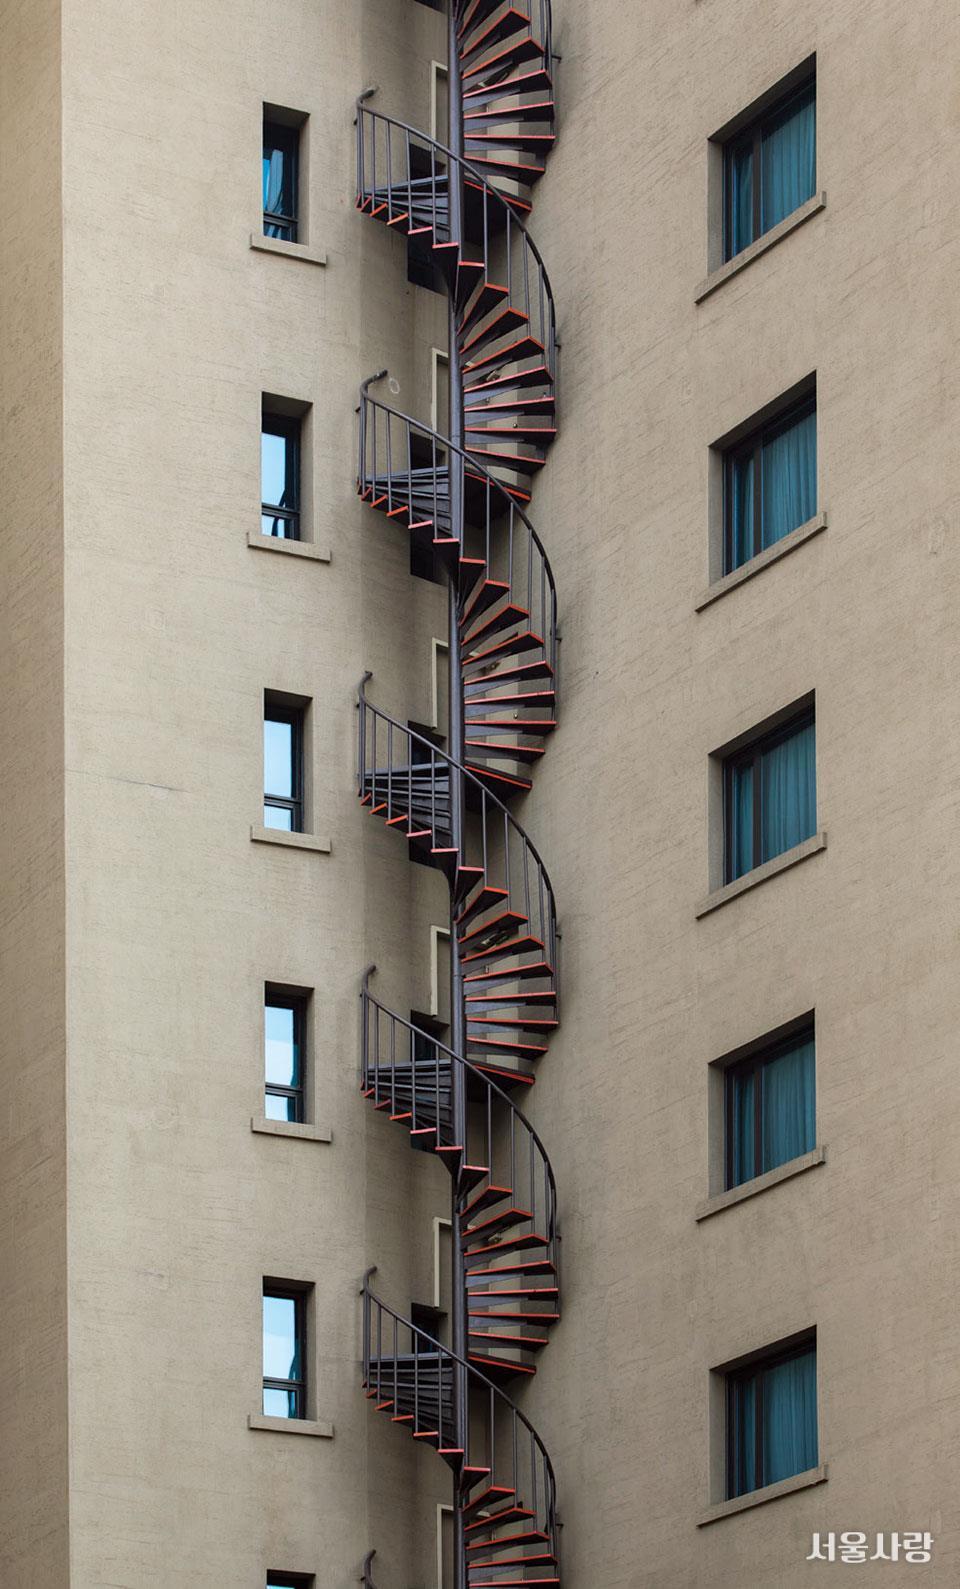 시청에서 광화문으로 가는 길에 만난 철제 나선형 계단.